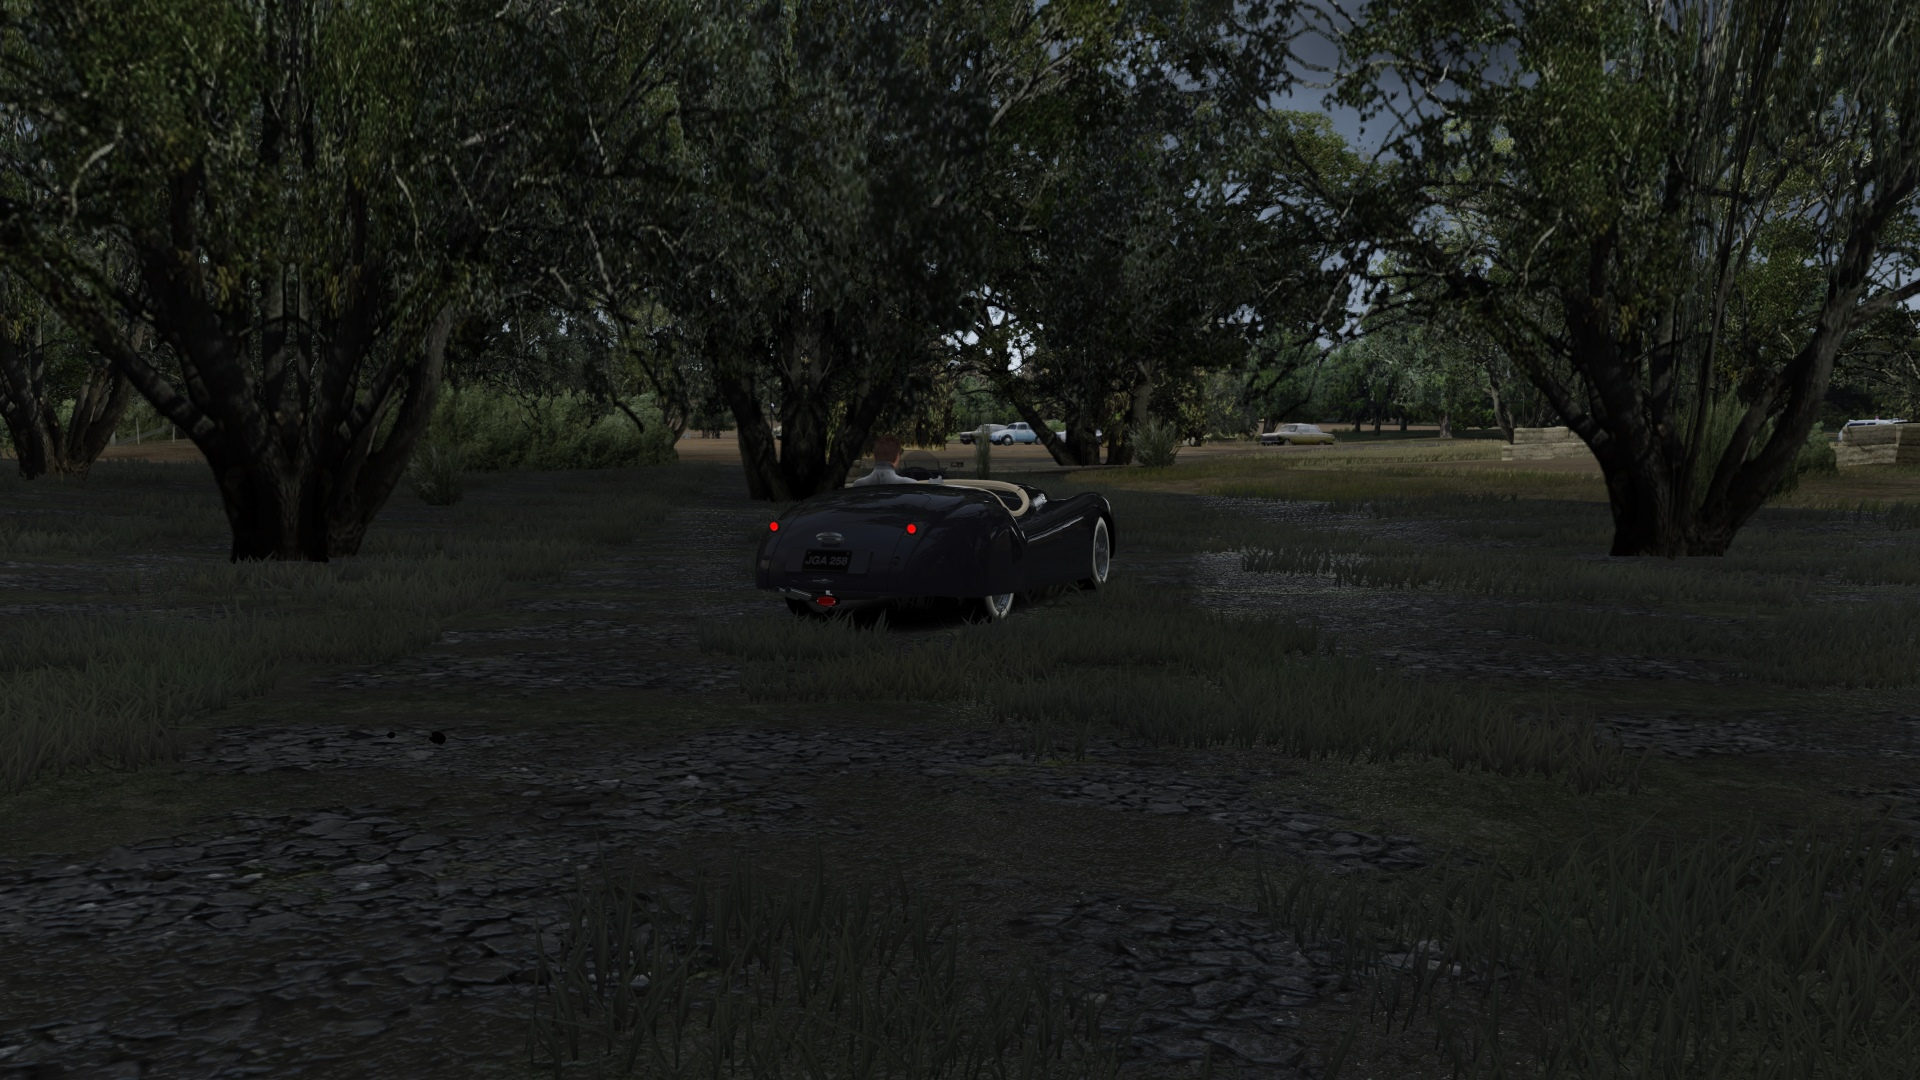 Screenshot_jaguar_xk120_dh_longford_67_22-1-120-15-10-38.jpg